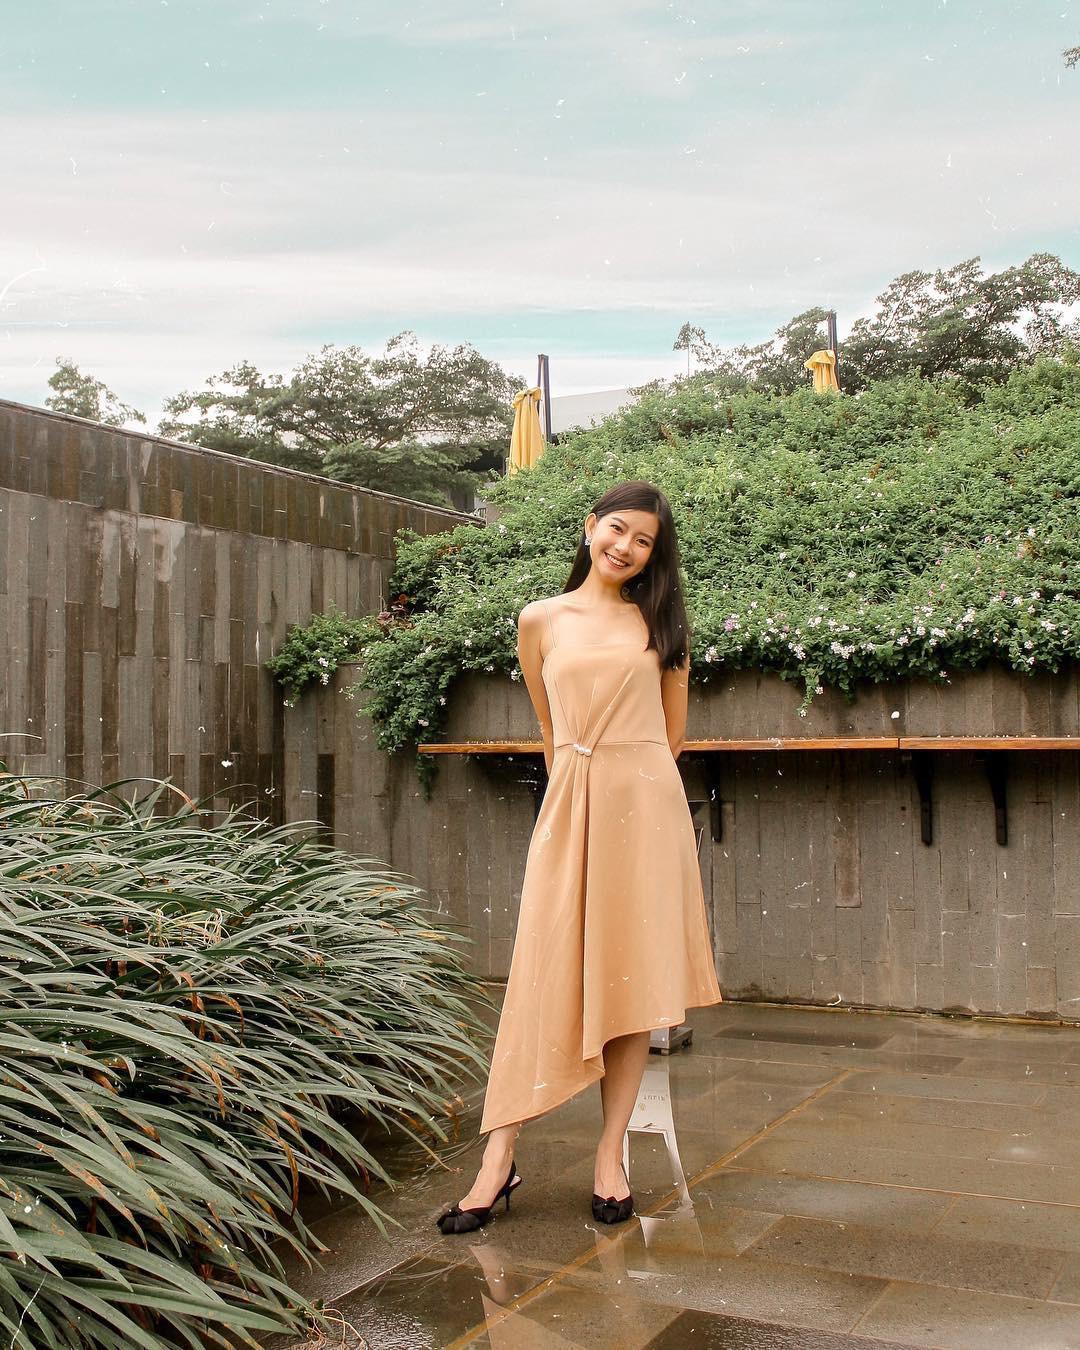 Nàng nào diện váy cũng rất xinh nhưng nếu áp dụng 4 tips sau, vẻ ngoài sẽ càng thêm thanh mảnh và hút mắt - Ảnh 7.